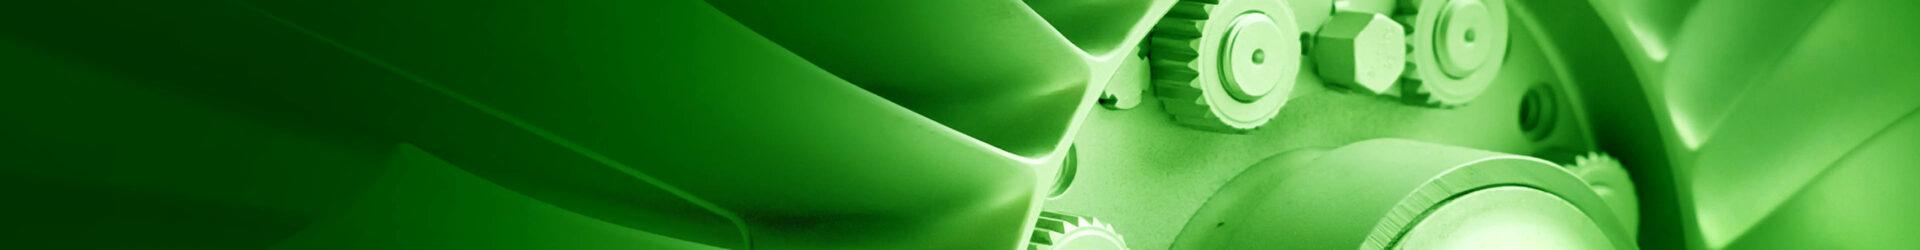 Rindi Syd och Solör Bioenergi beställer ORC till Hörby värmeverk